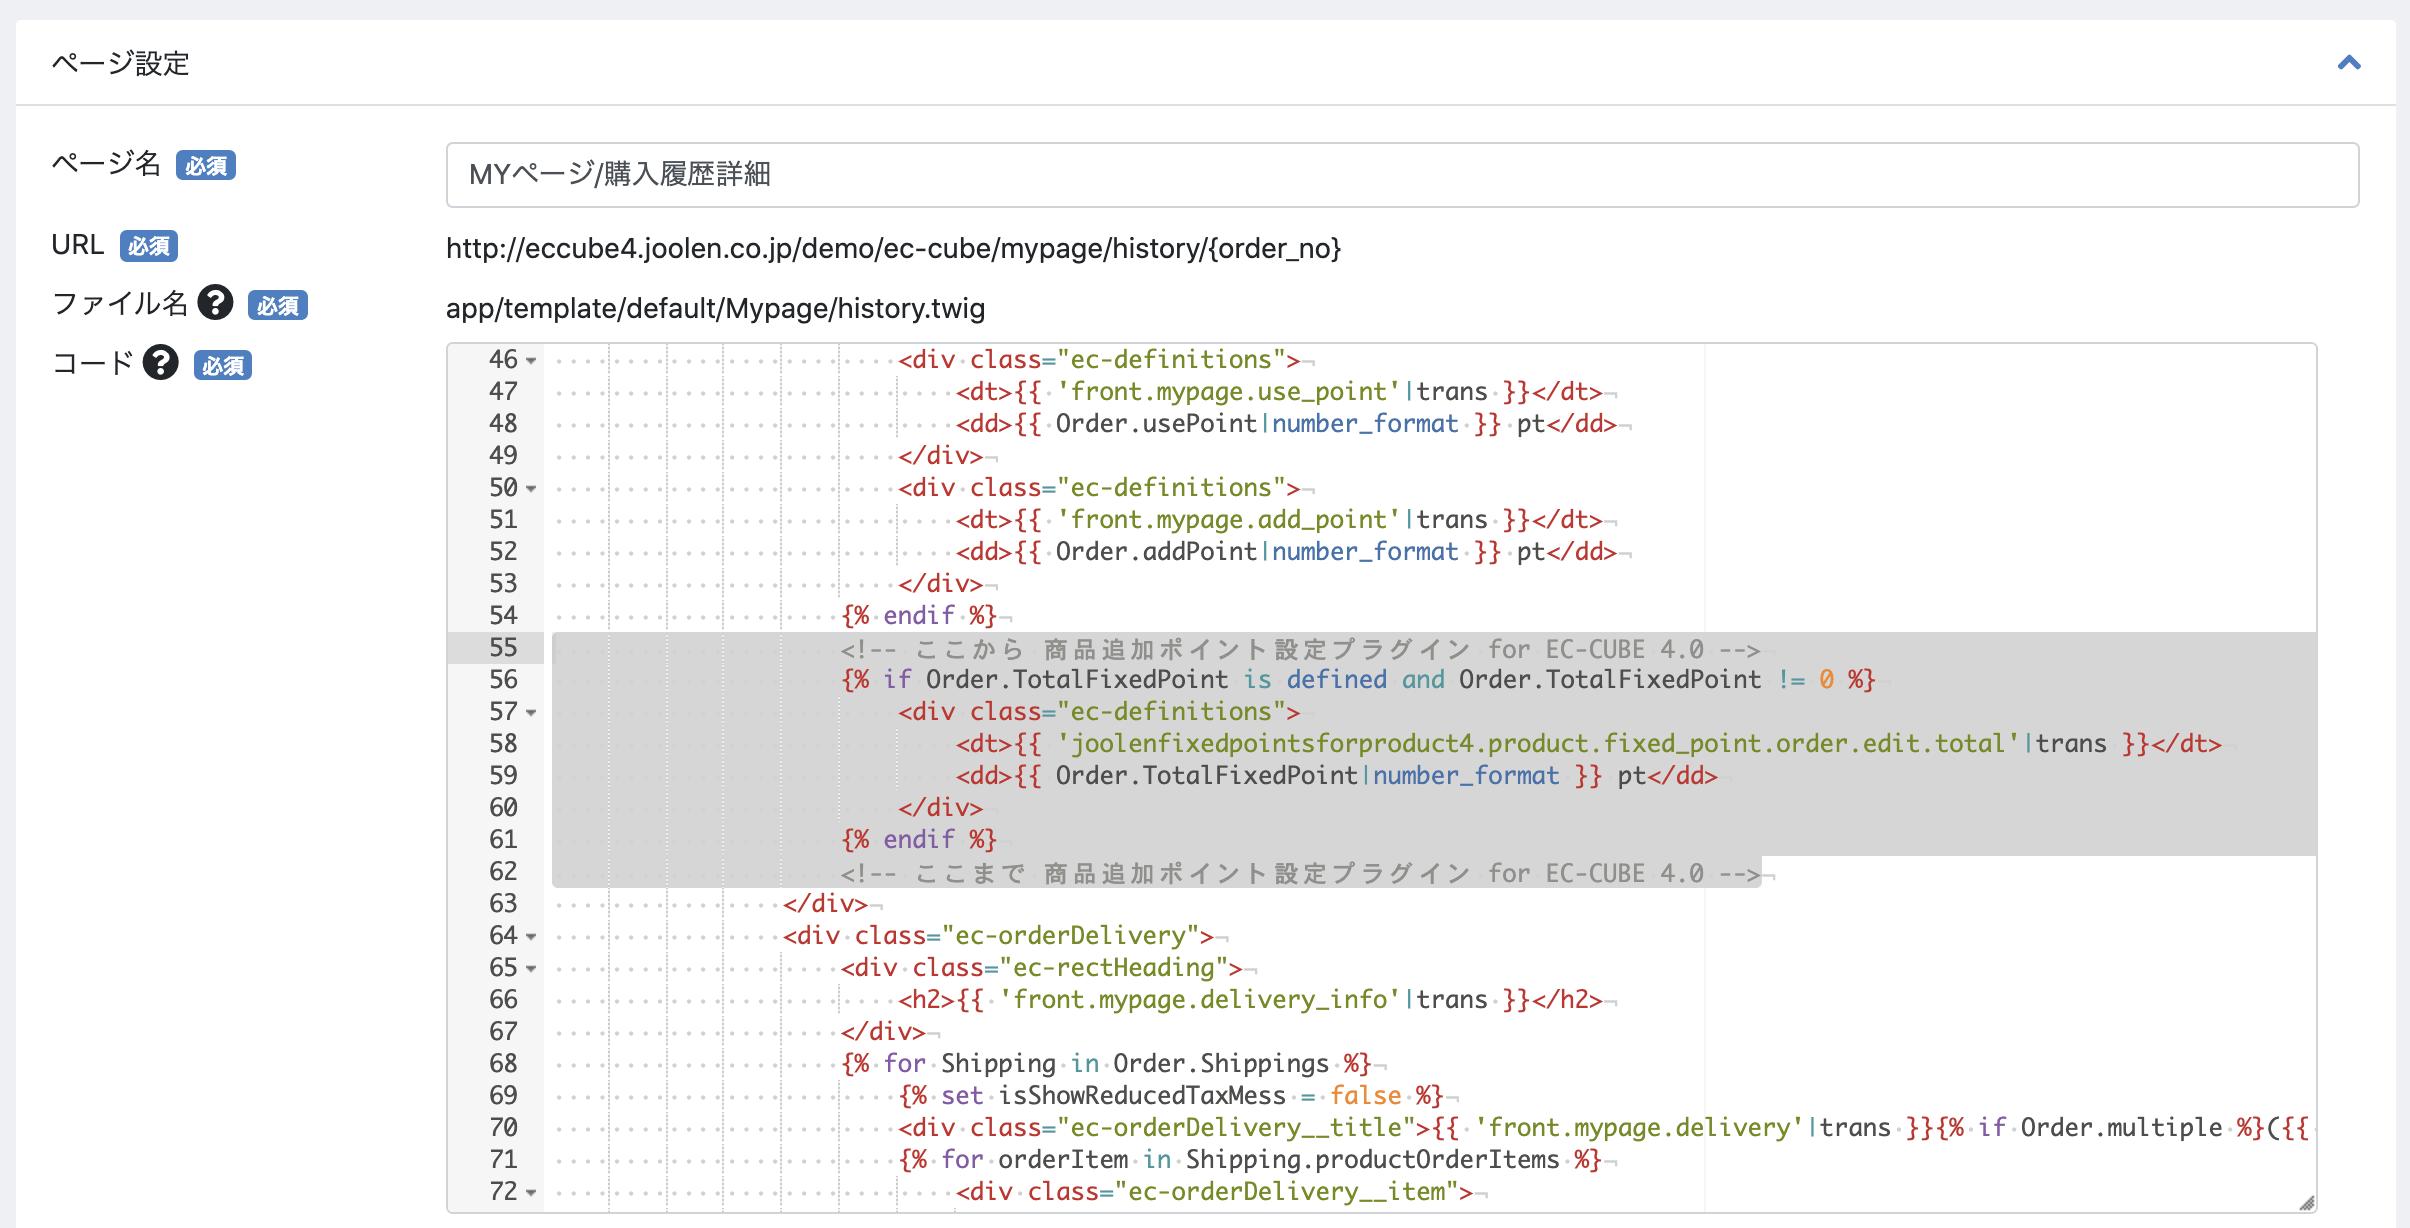 商品追加ポイント設定プラグイン for EC-CUBE 4.0 for EC-CUBE 4.0